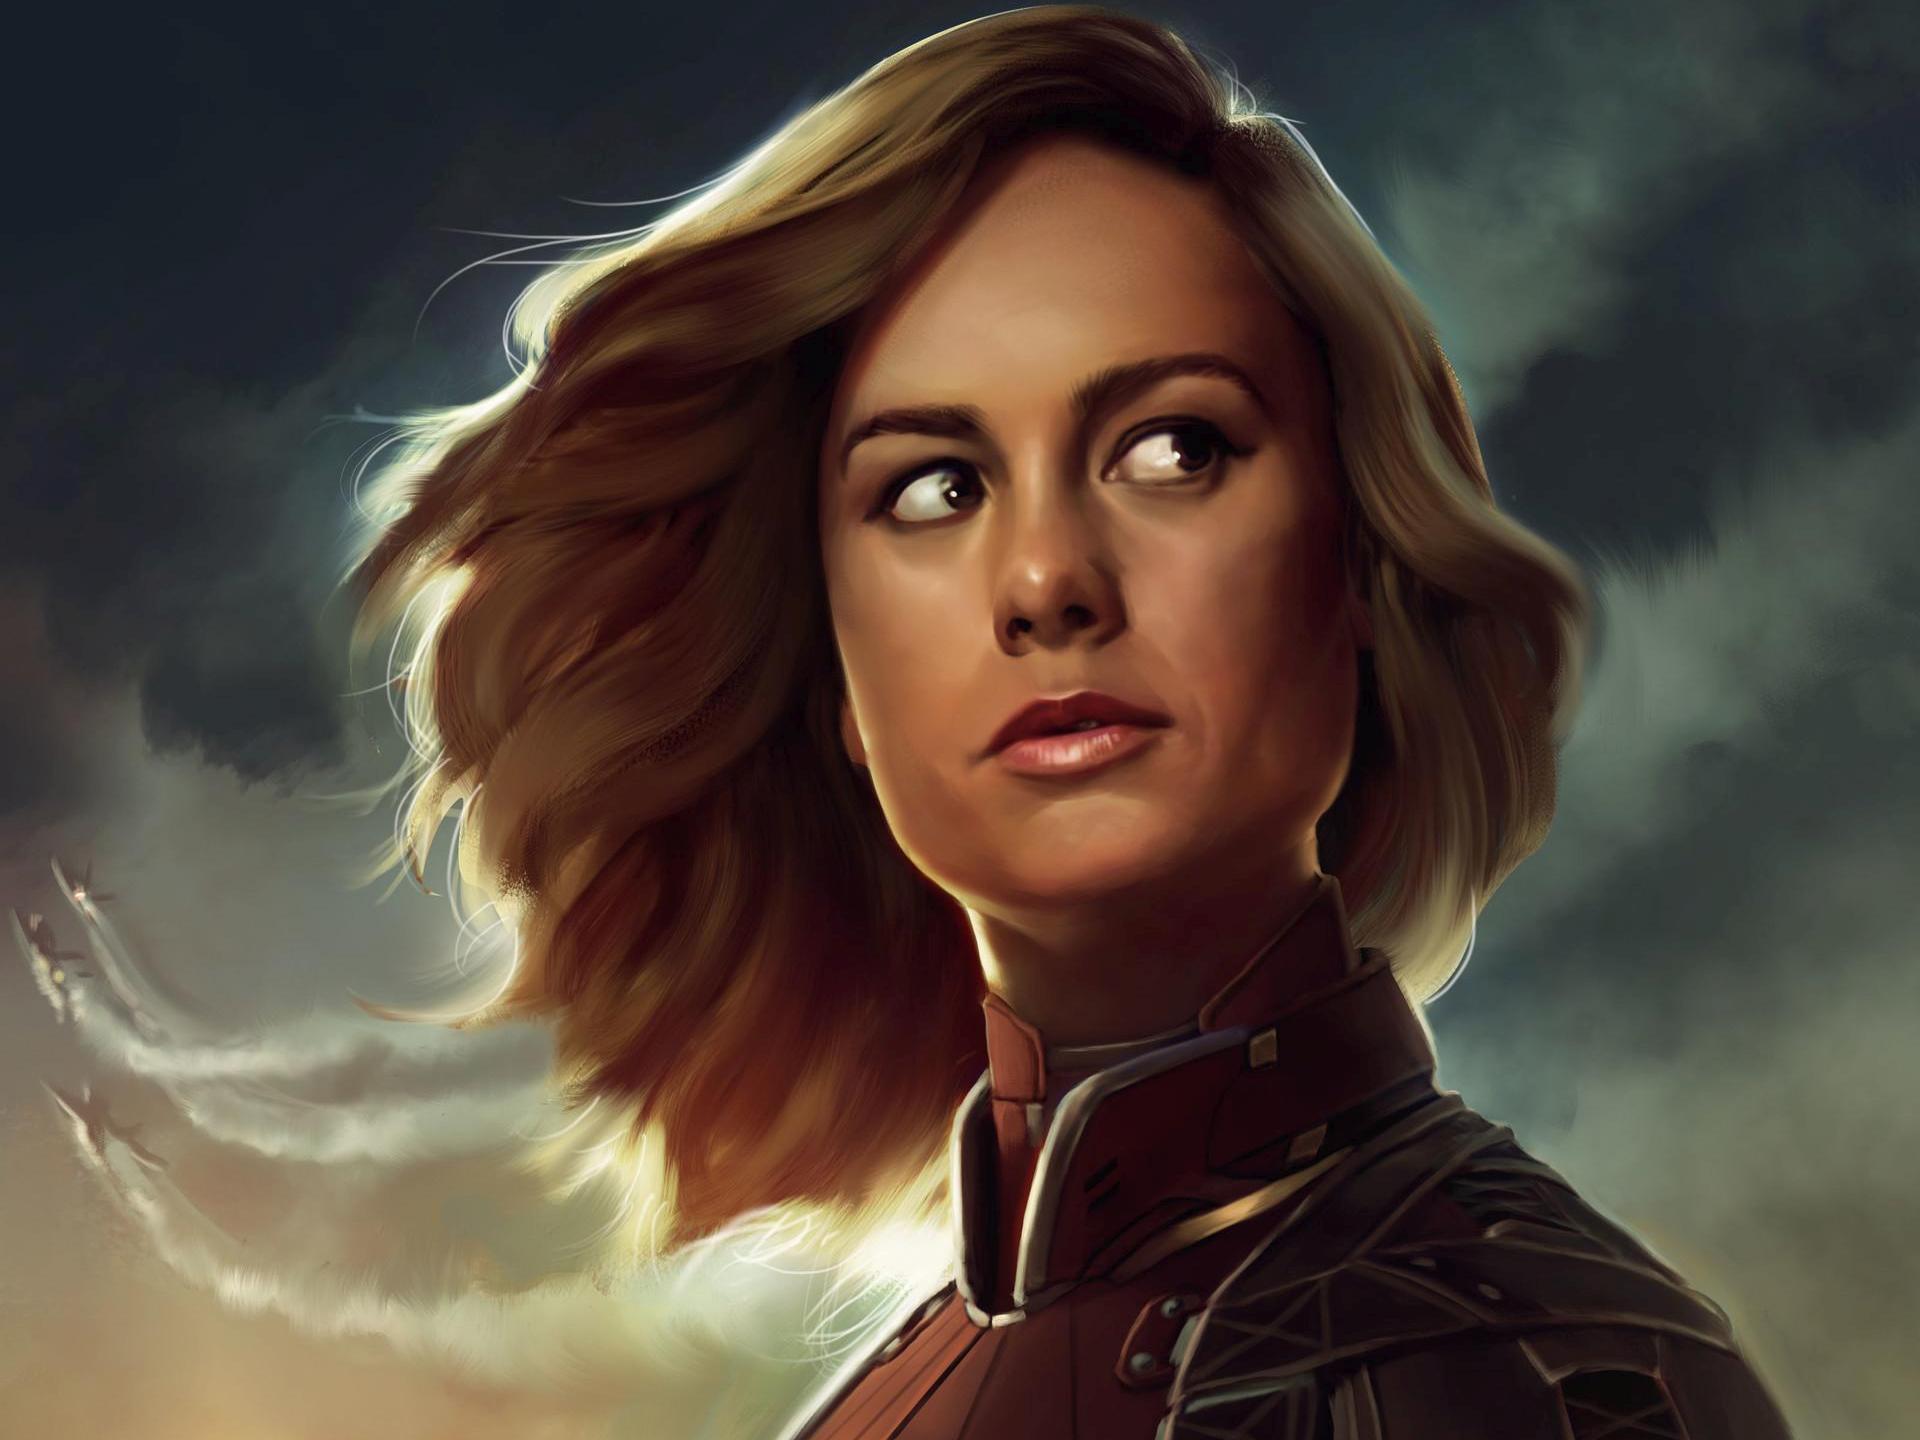 キャプテン・マーベル Hd: Brie Larson Captain Marvel Artwork, HD Superheroes, 4k Wallpapers, Images, Backgrounds